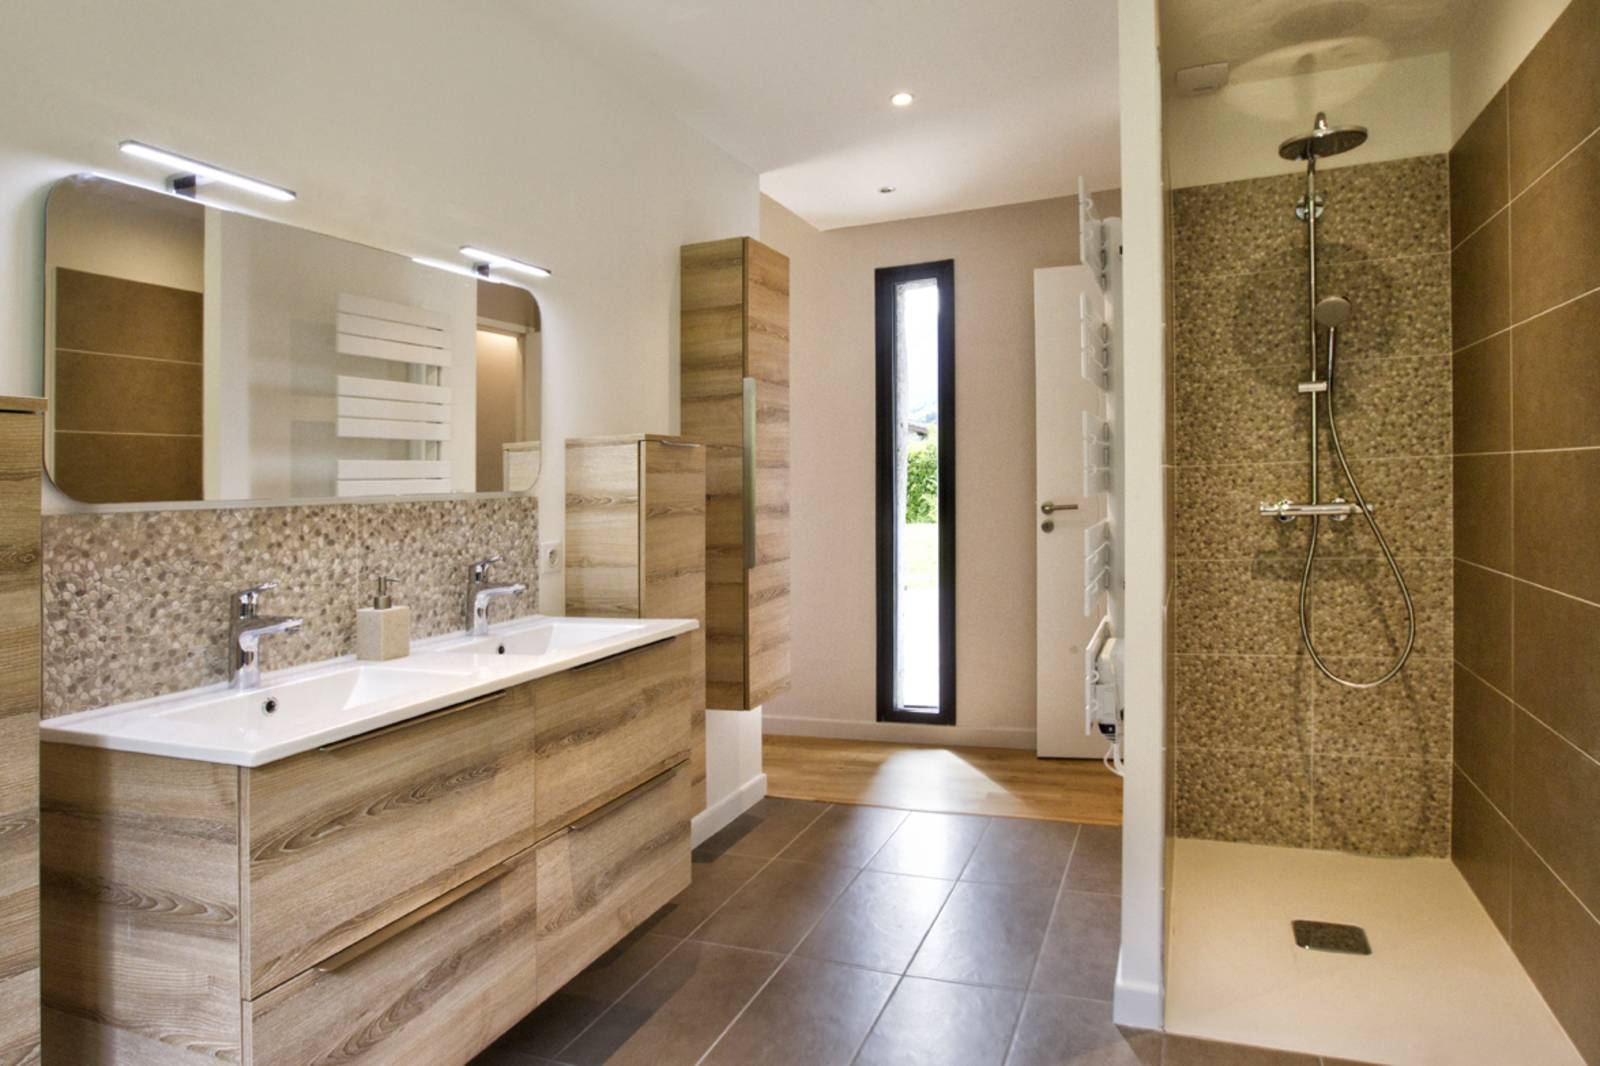 Salle De Bain Pas Cher ~ beautiful salle de bain pas cher de design photos et id es